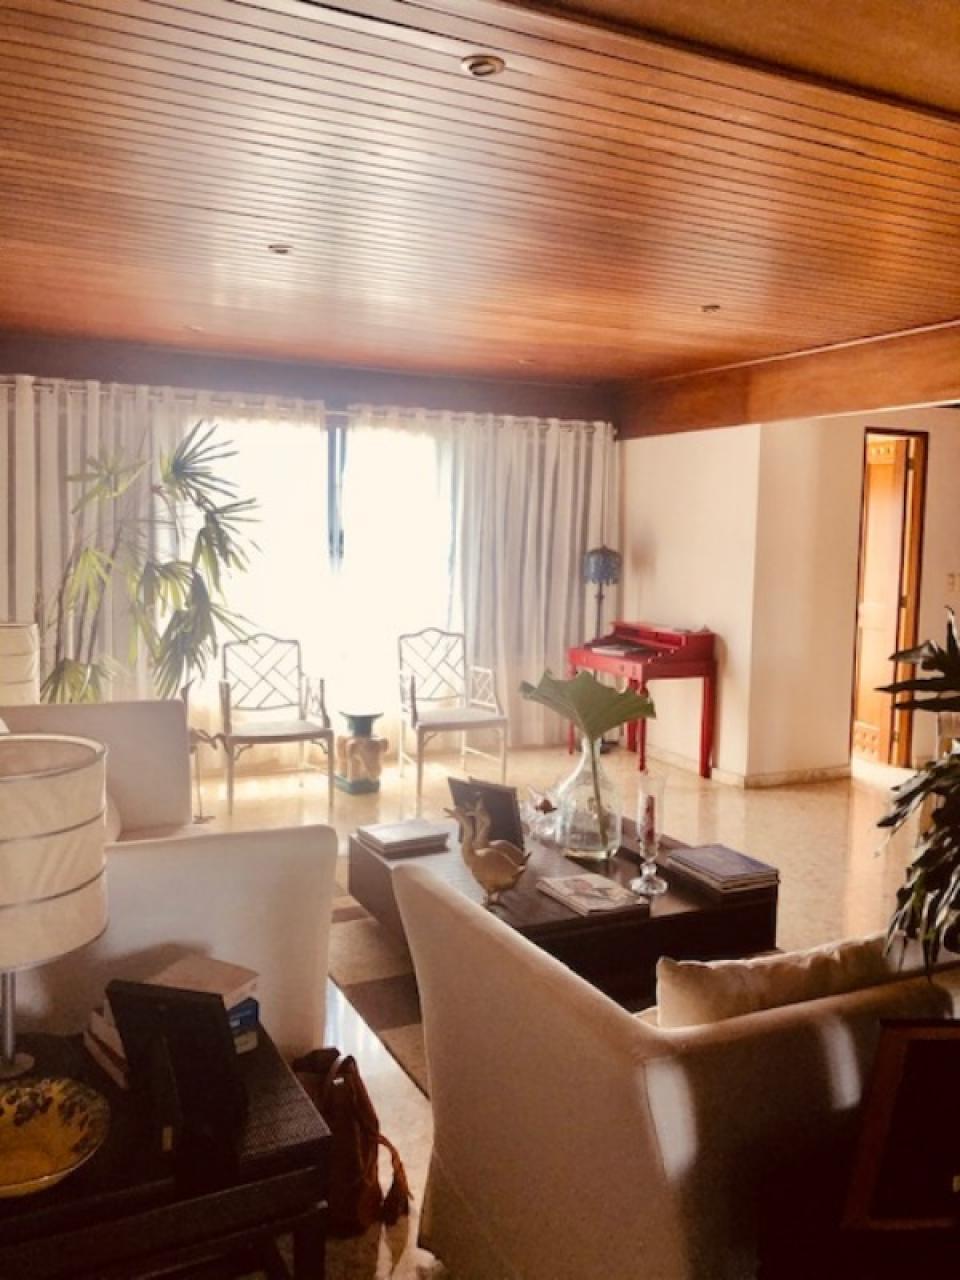 Apartamento en venta en el sector ENSANCHE NACO precio US$ 290,000.00 US$290,000